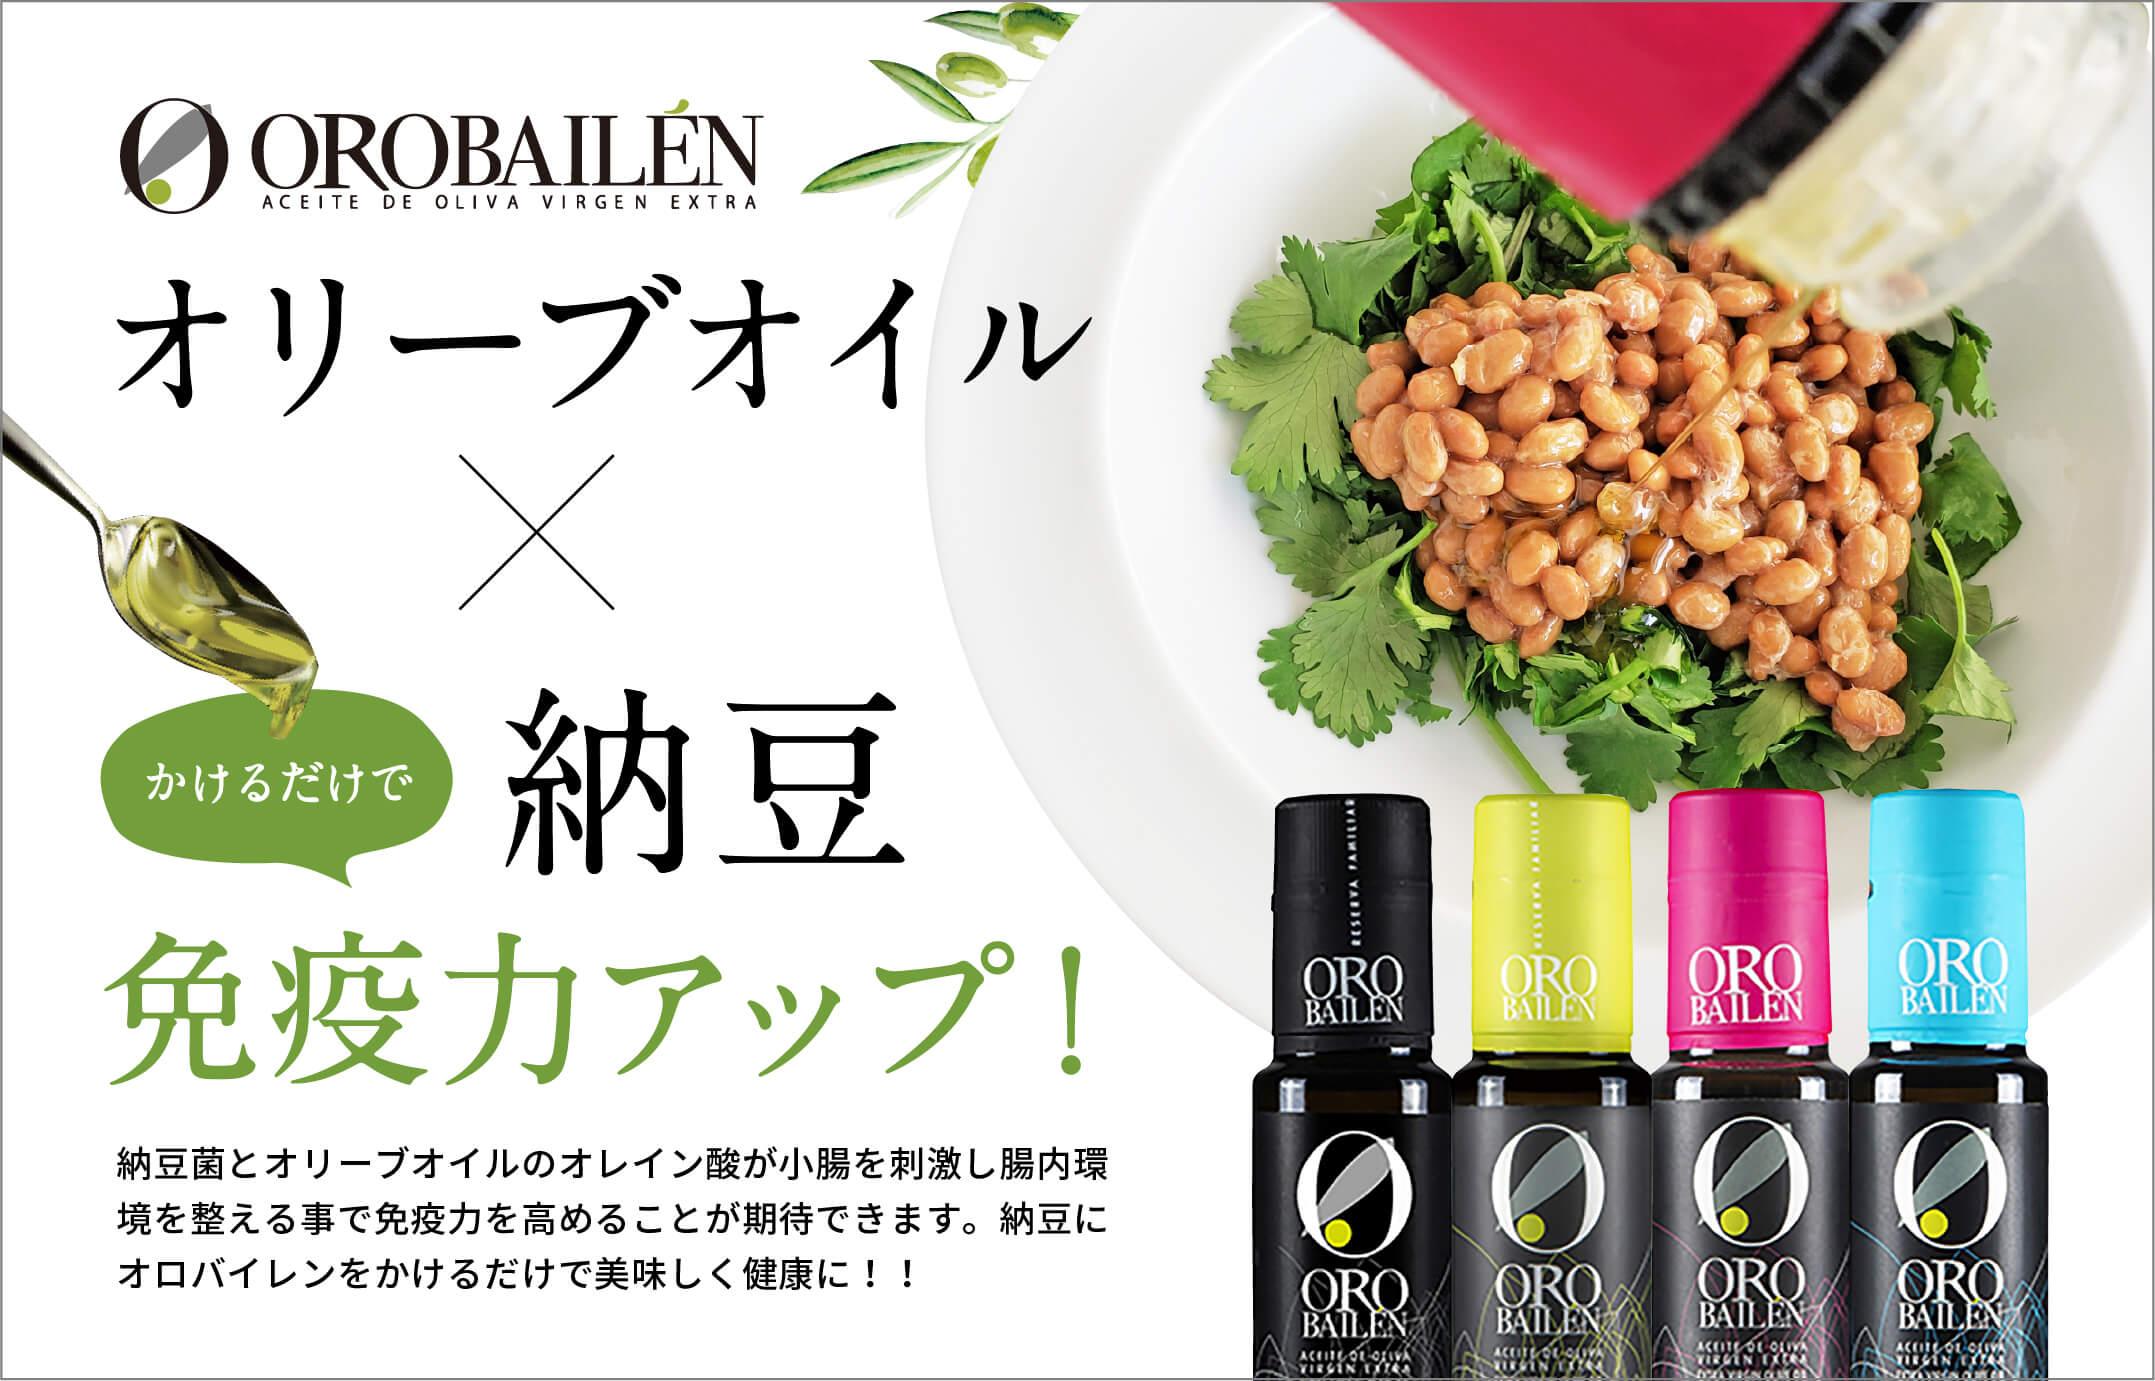 納豆とオロバイレンで免疫力アップ